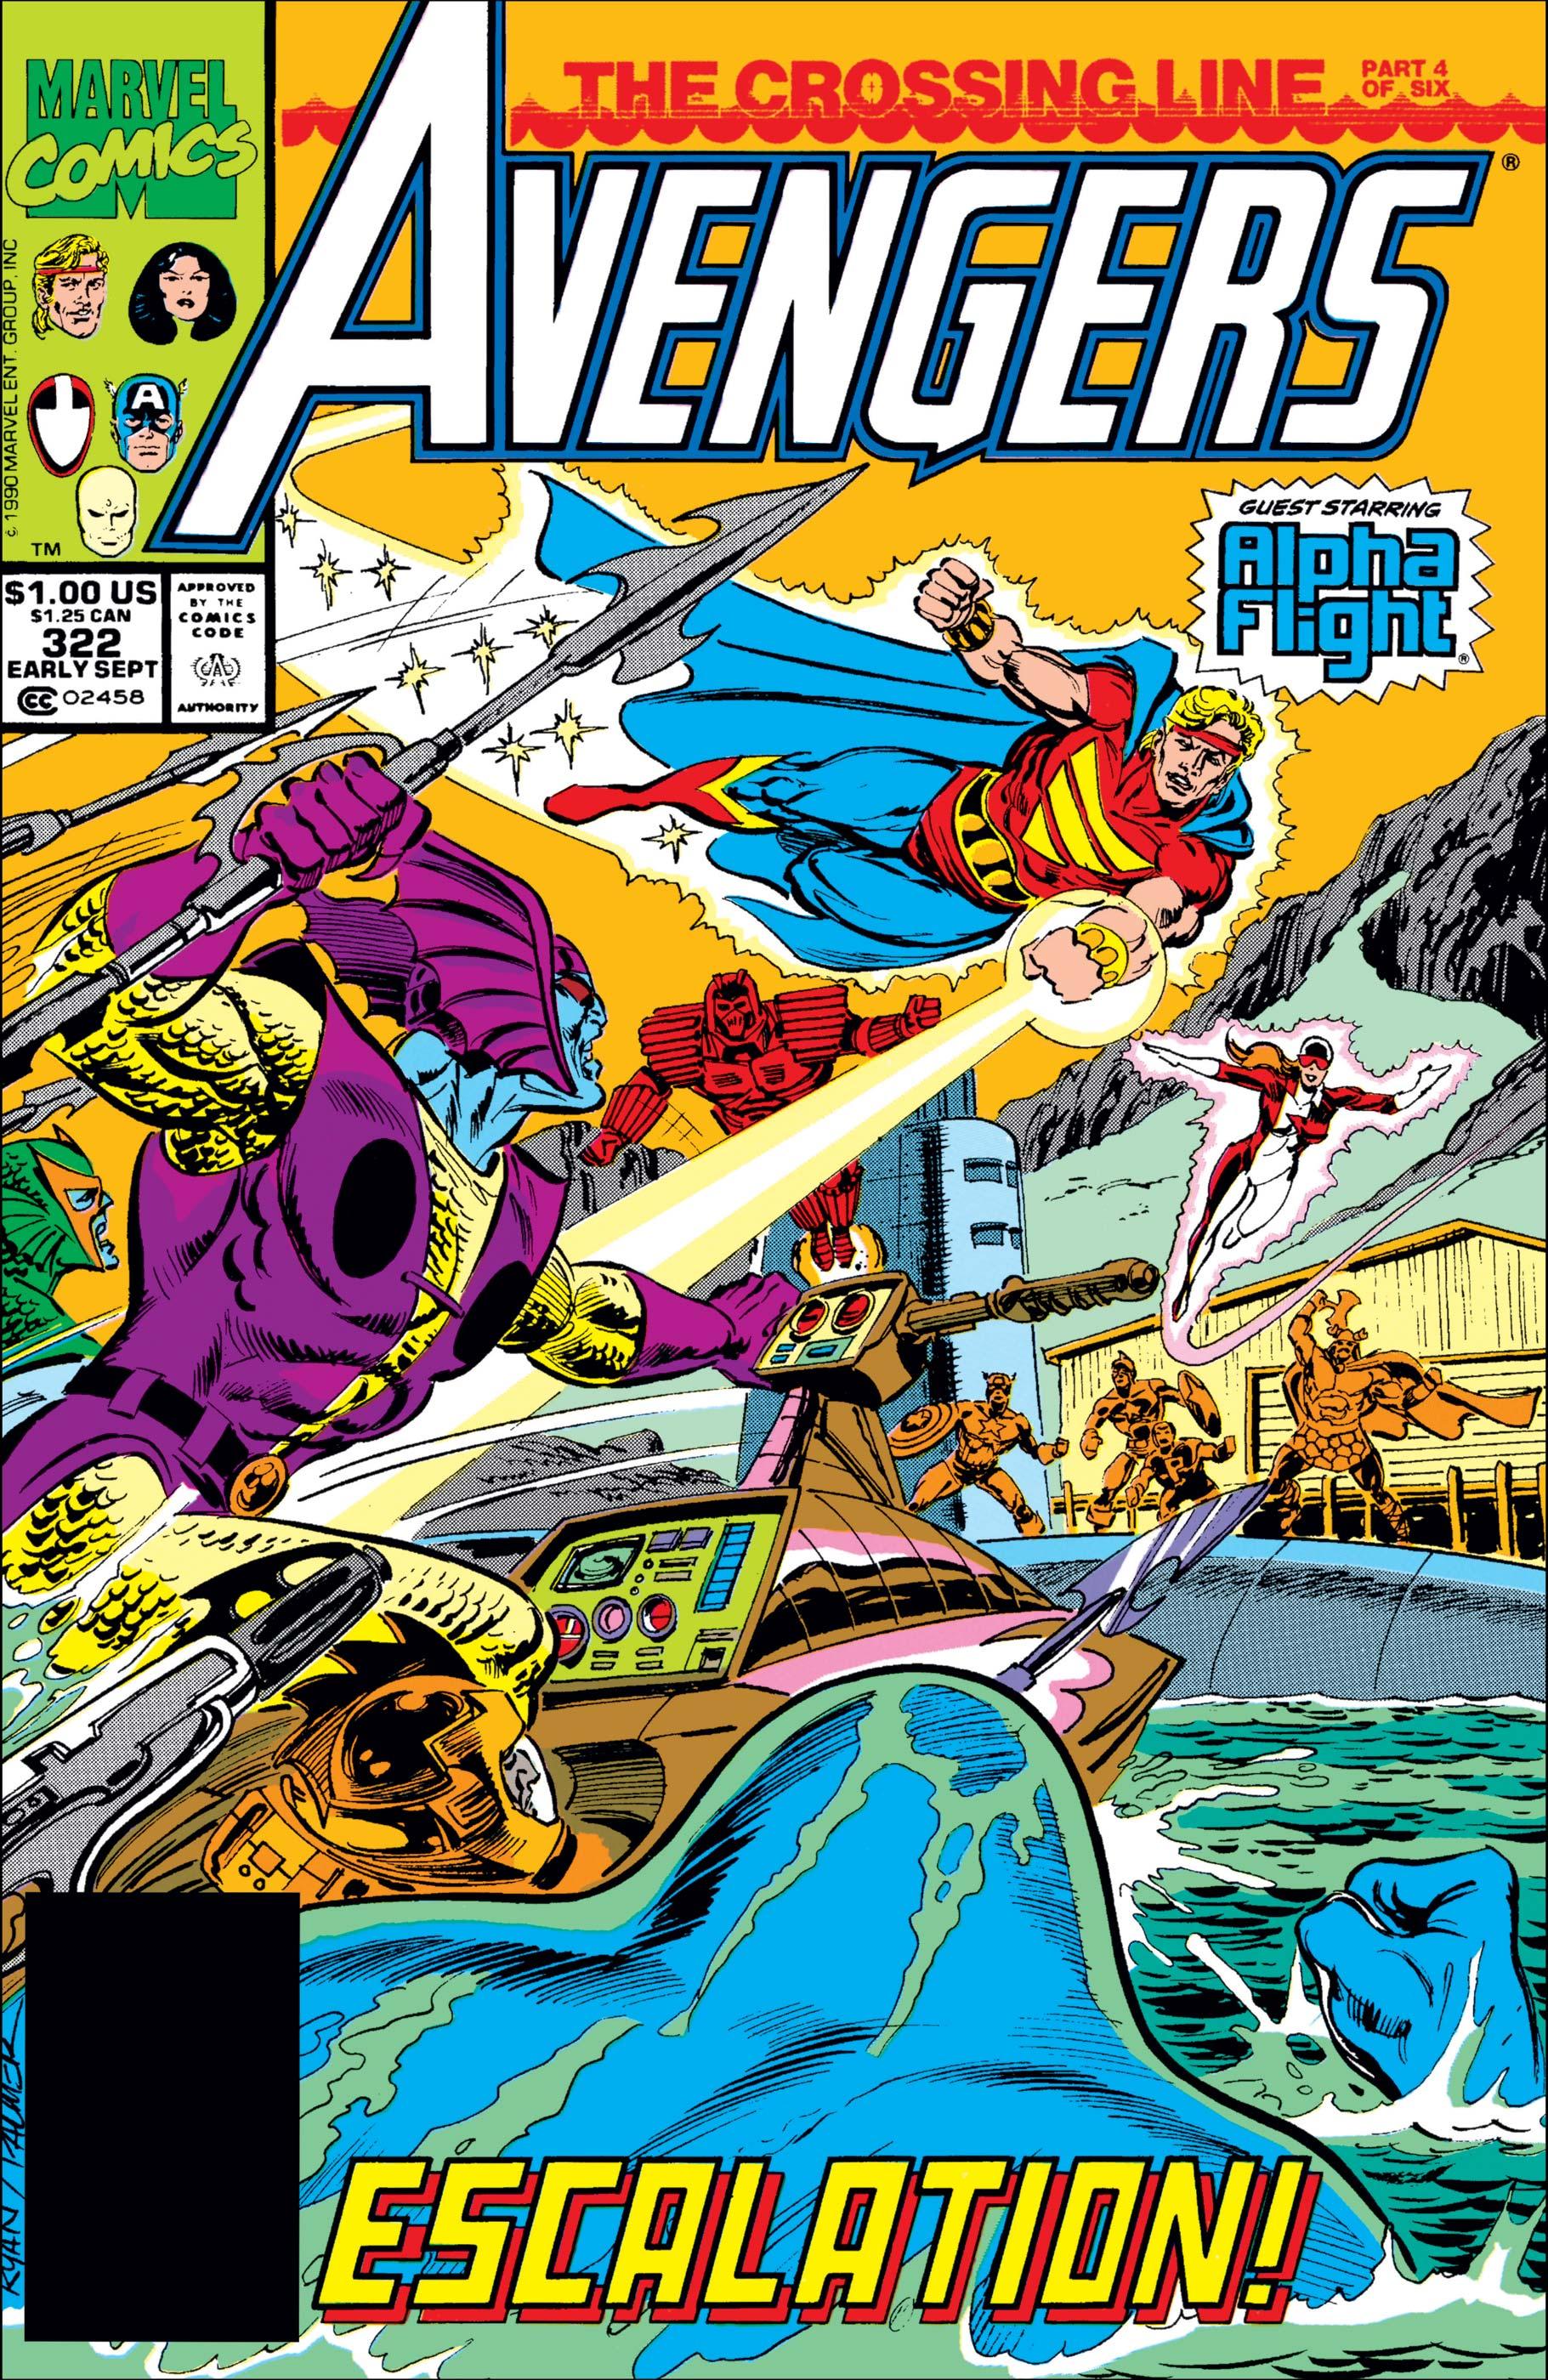 Avengers (1963) #322